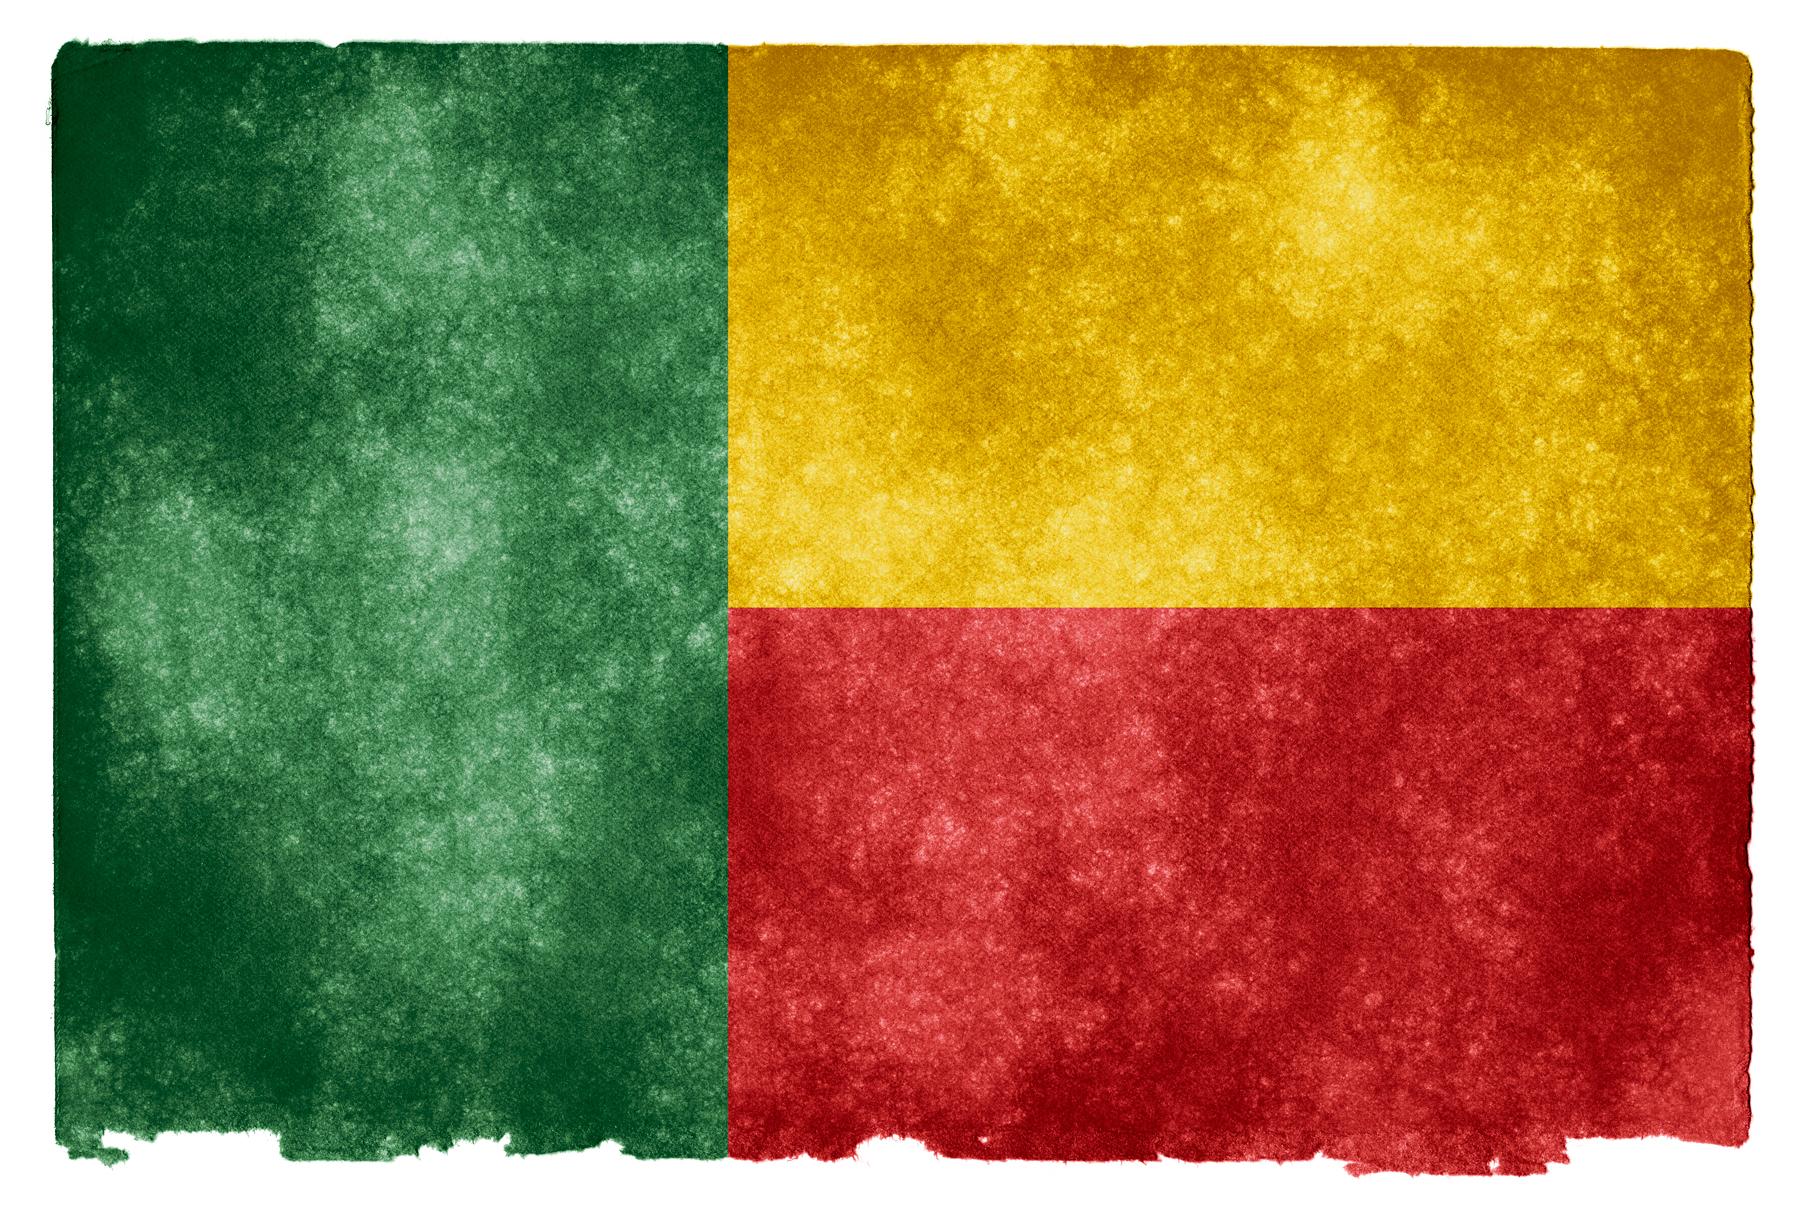 раса картинки флаг зеленый желтый красный плести пояс макраме